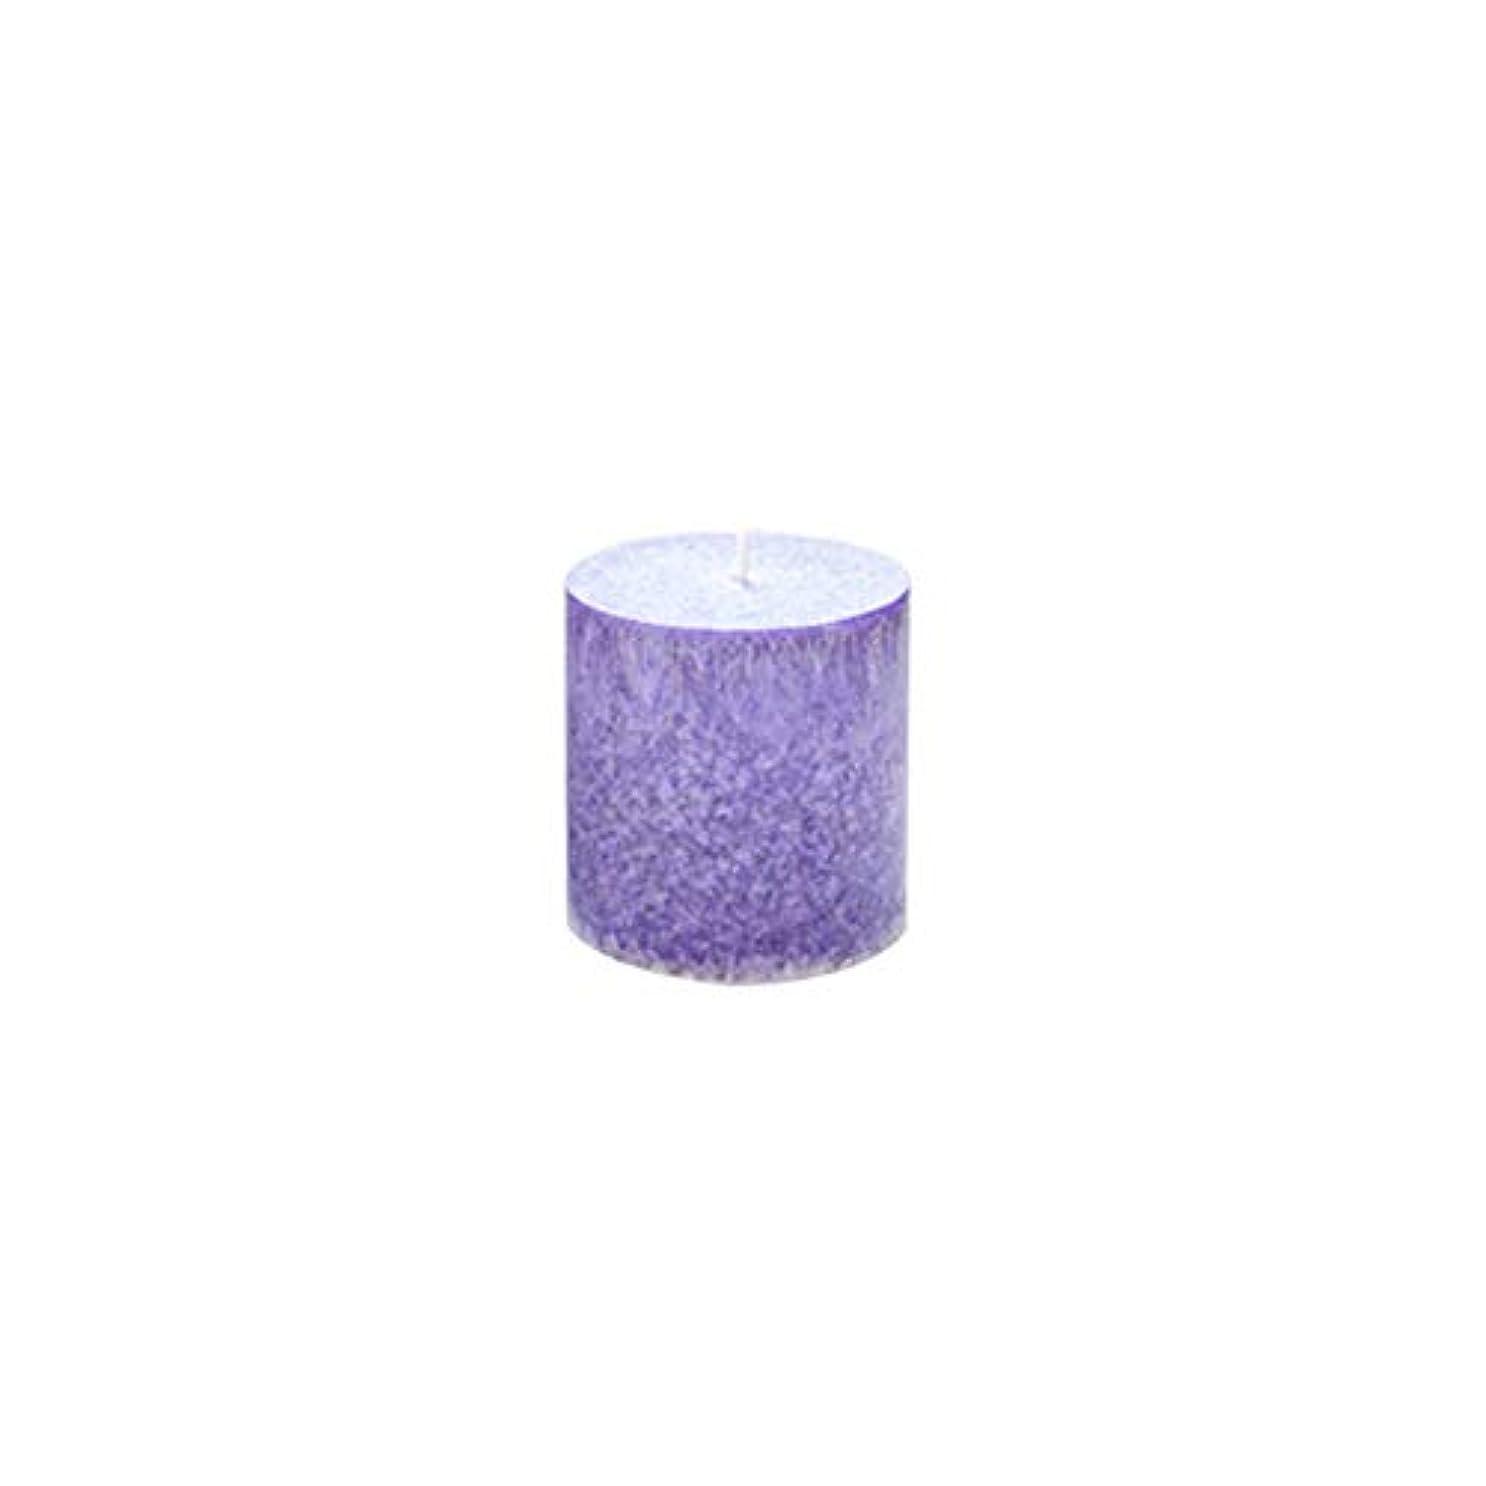 中古遠近法誤ってRakuby 香料入り 蝋燭 ロマンチック 紫色 ラベンダー アロマ療法 柱 蝋燭 祝祭 結婚祝い 無煙蝋燭